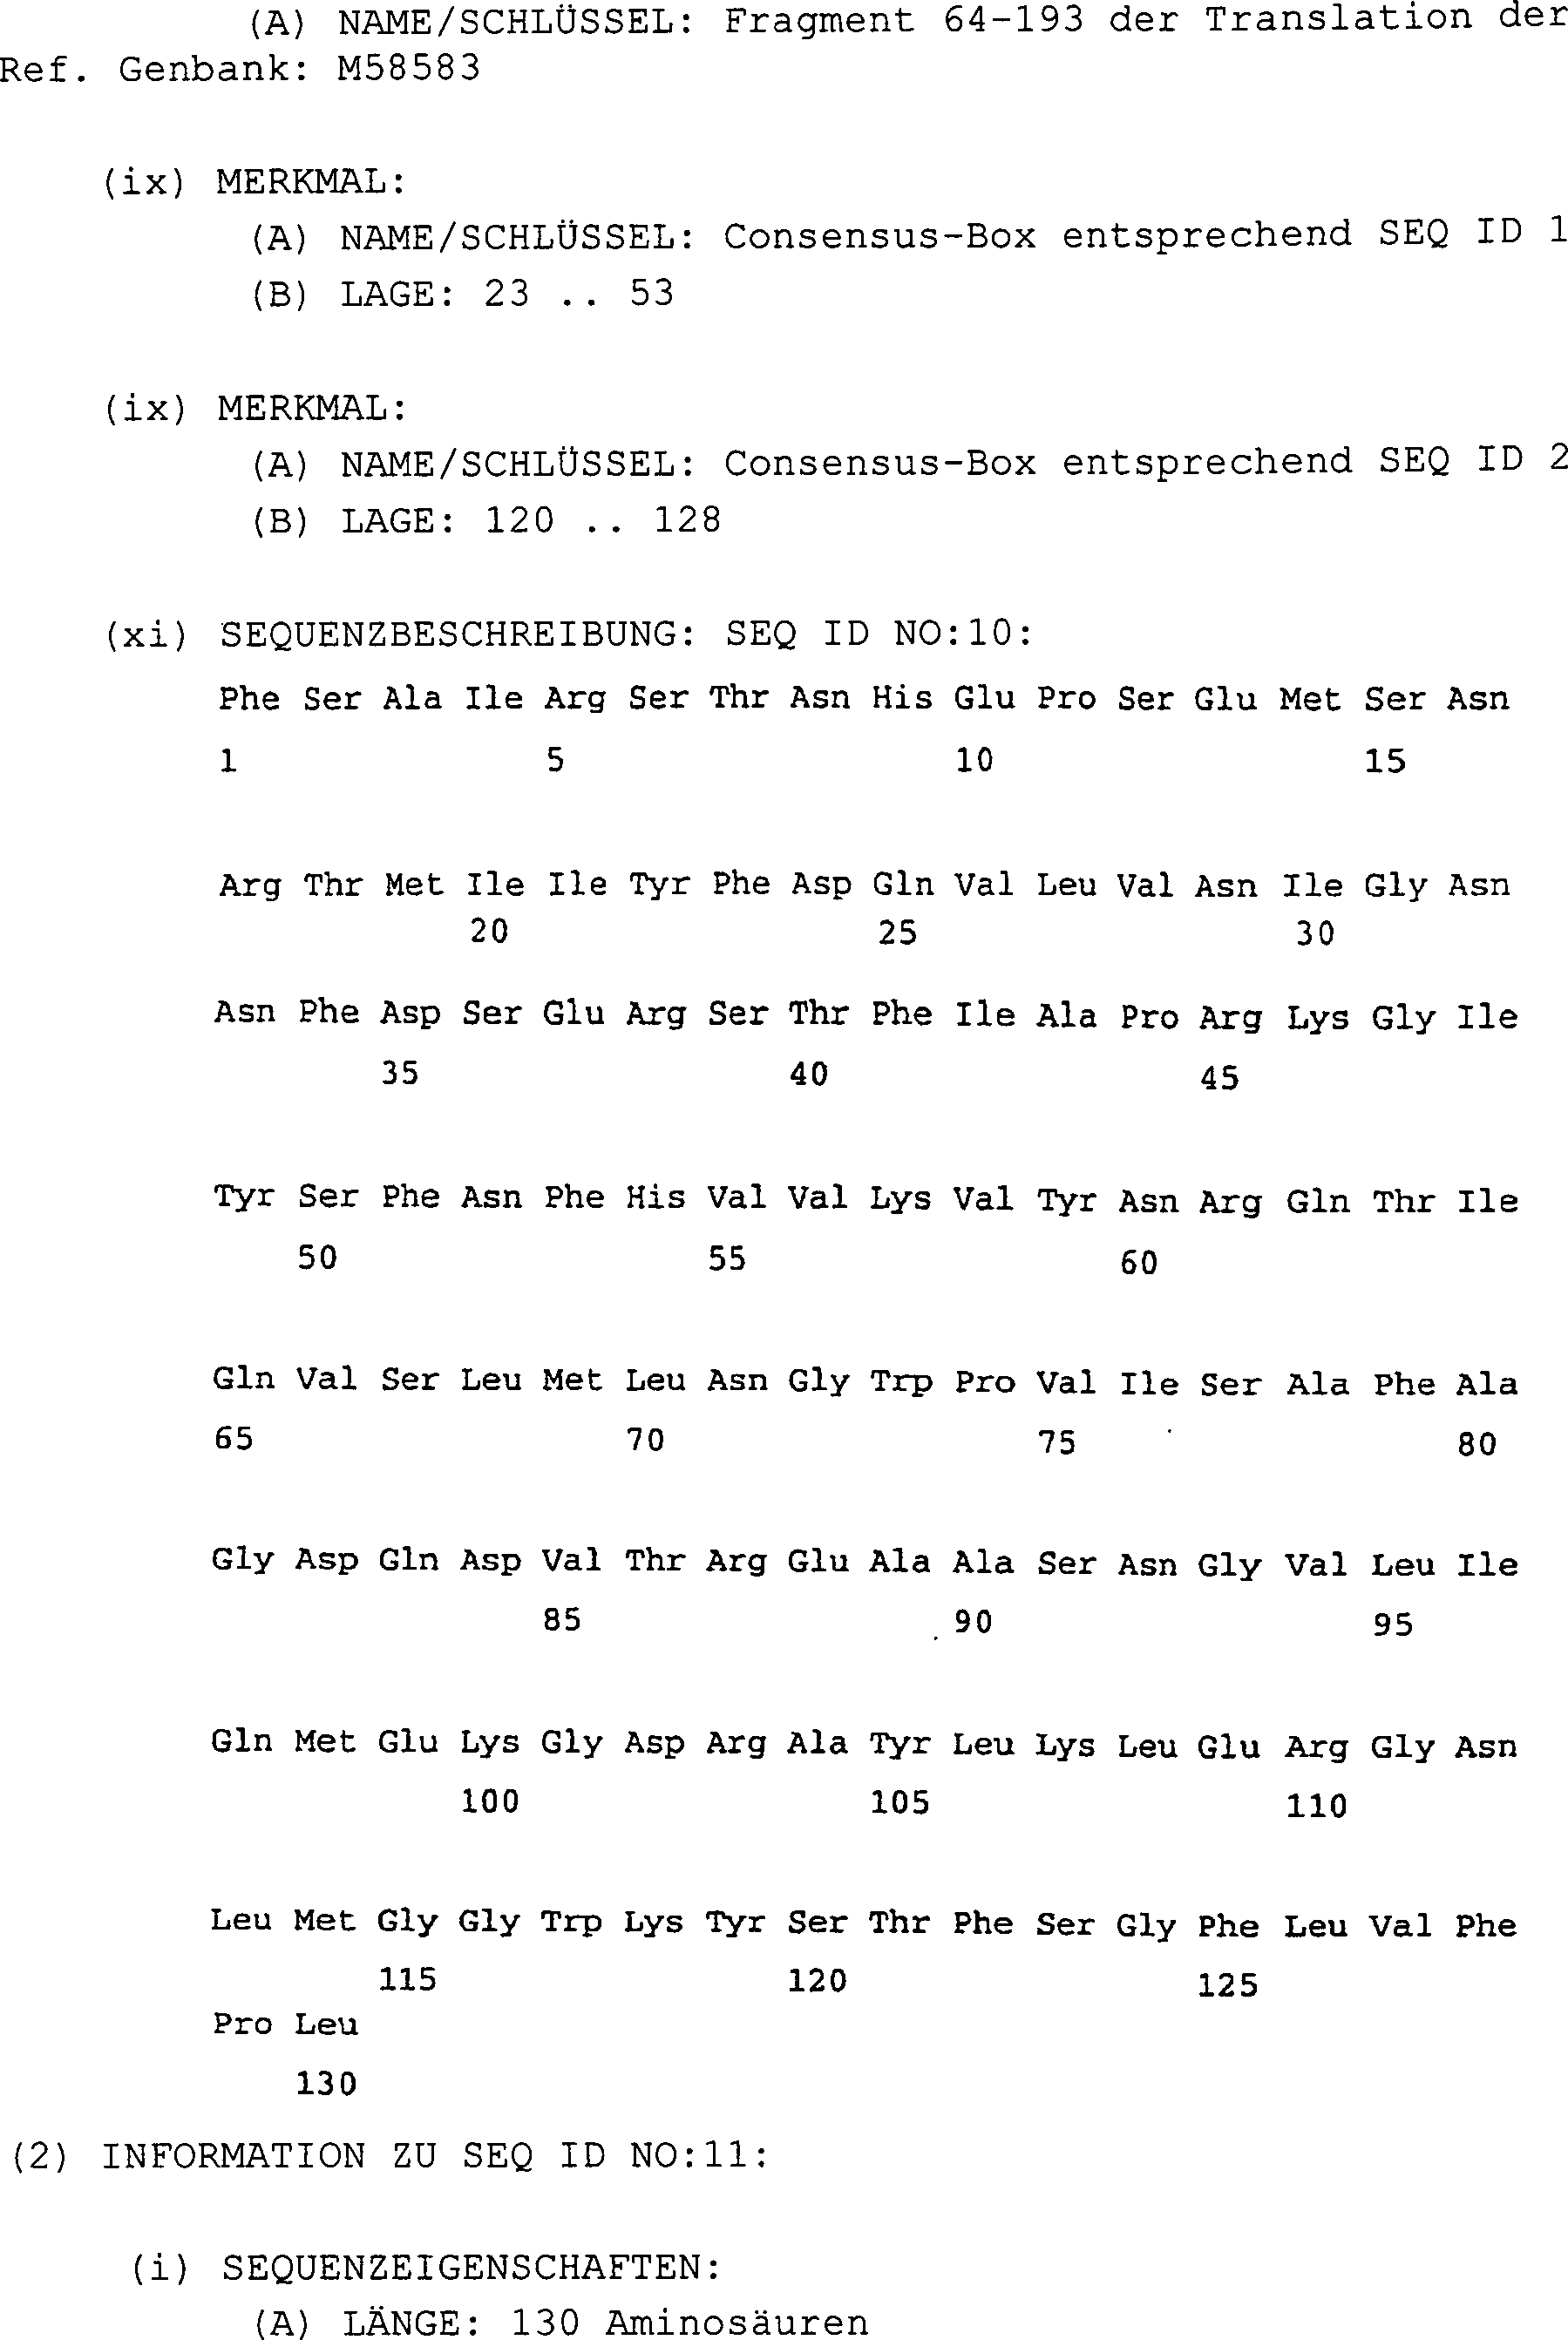 de69838720t2 lipoprotein regulating drug google patents  ubergewicht und diabetes chirurgische therapie eroffnet neue wege #13